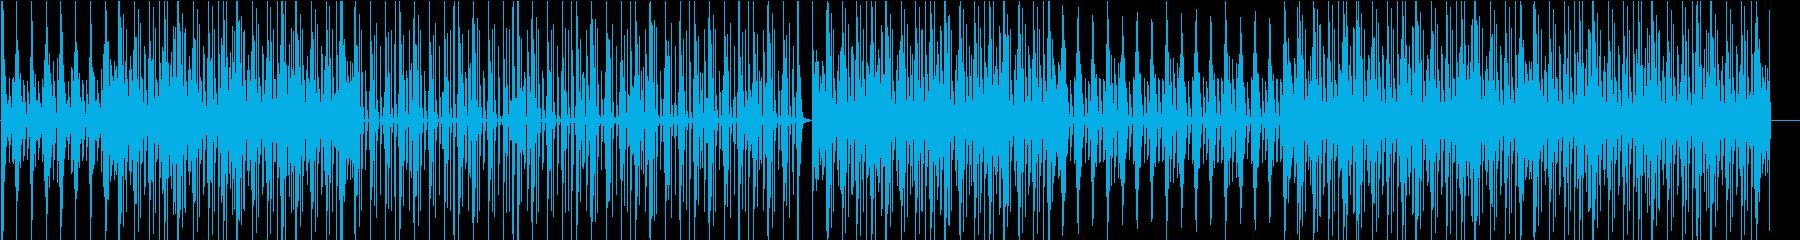 ピアノとストリングスでピクニックな雰囲気の再生済みの波形